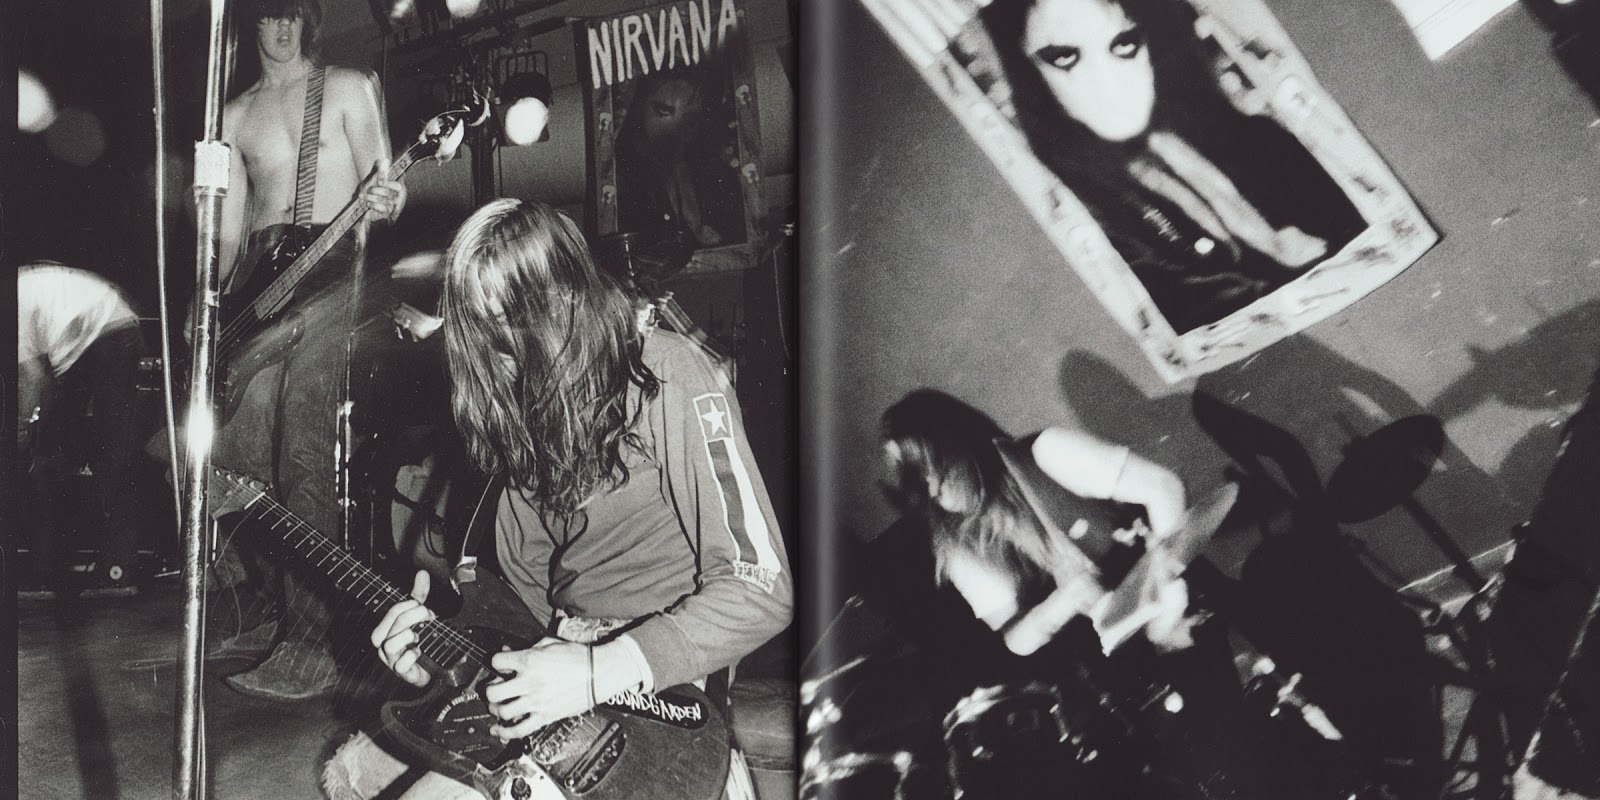 Bleach nirvana - Nirvana dive lyrics ...